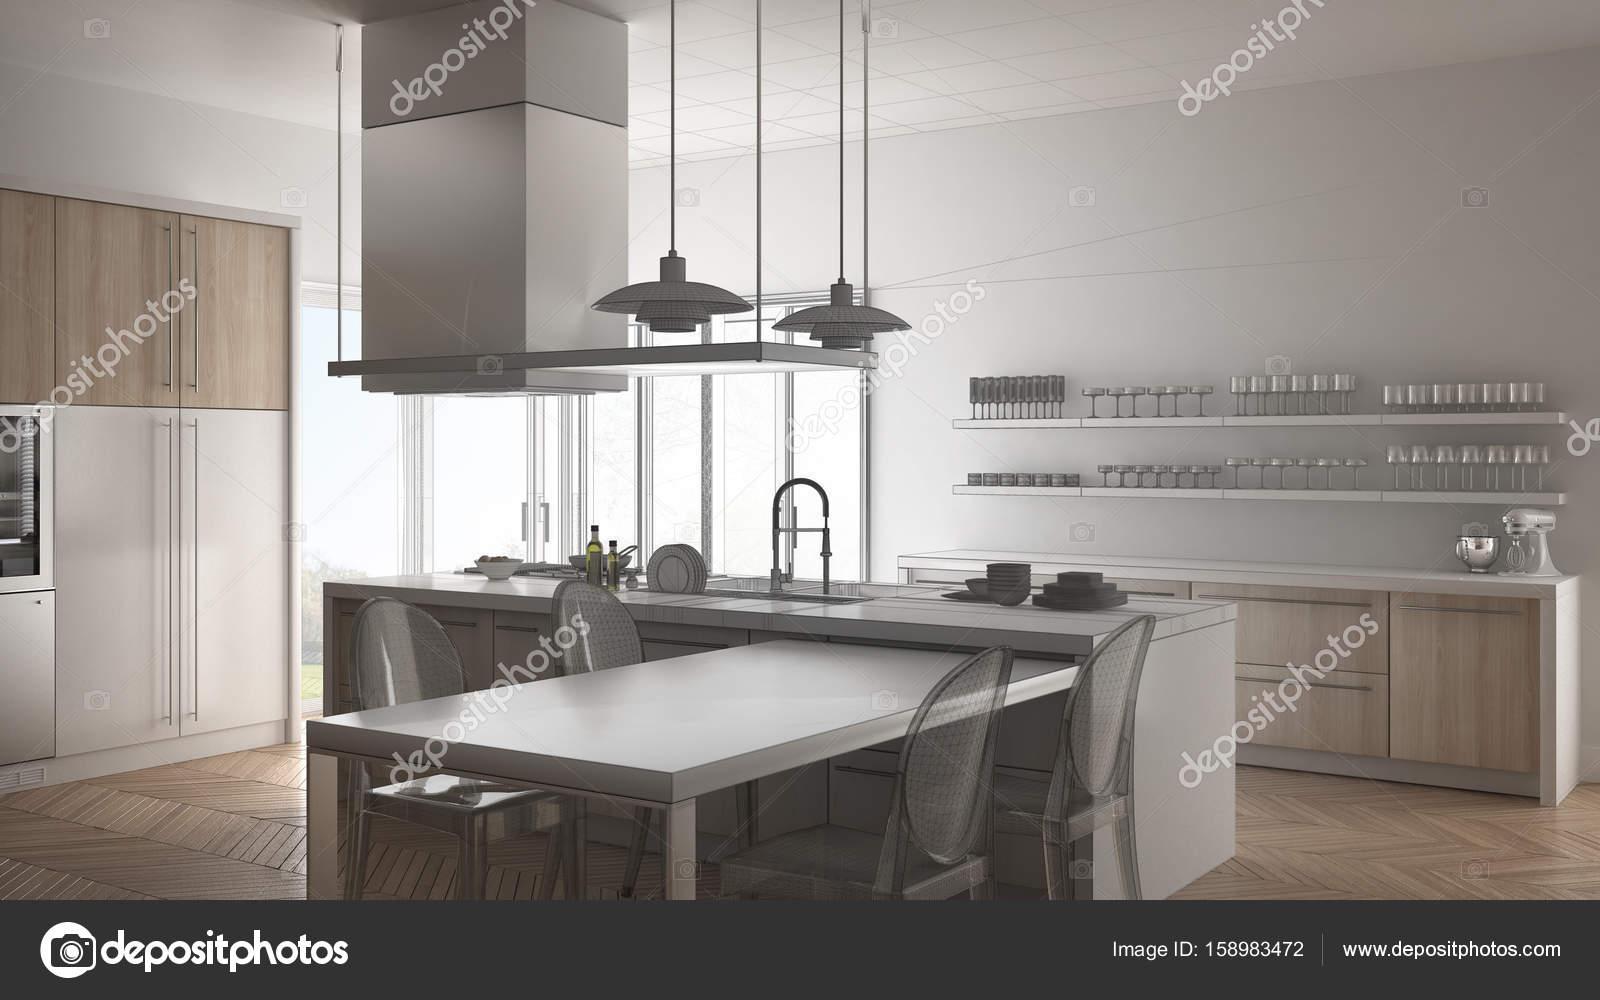 Unvollendete Projekt Der Minimalistische Moderne Kuche Mit Esstisch